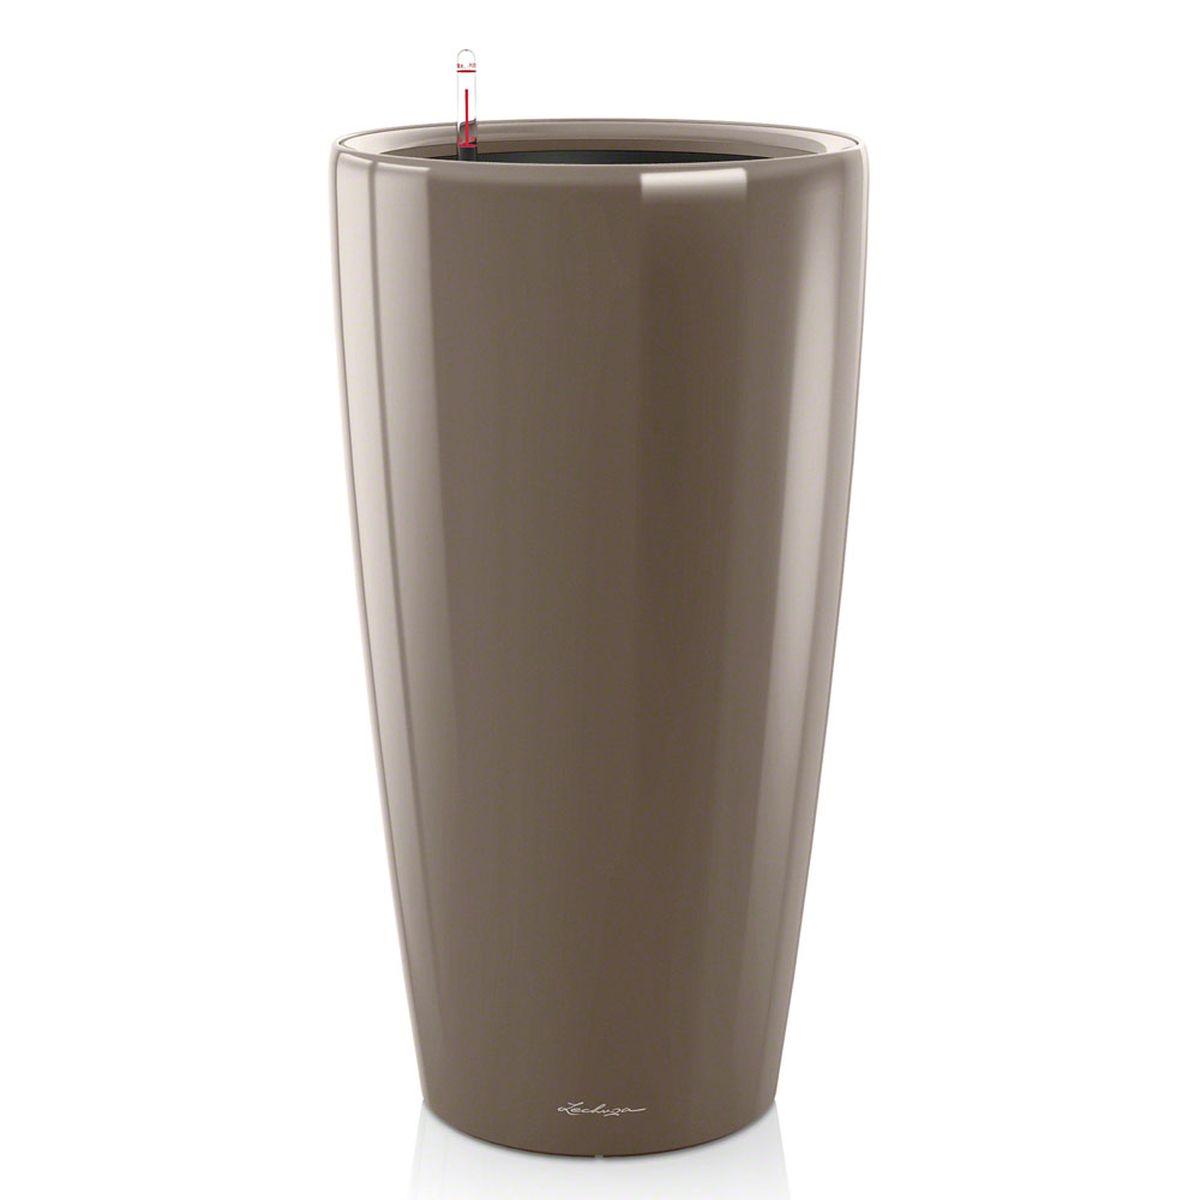 Кашпо с автополивом Lechuza Rondo 40х75 см, серо-коричневое15744Изящная форма кашпо RONDO является одновременно элегантной и несложной, и позволяет представить в выгодном свете любое растение. Сочетание кашпо с моделями CLASSICO идеально дополняет общую картину. Особые преимущества: - Всегда элегантный дизайн кашпо, соответствующий серии CLASSICO - Совершенная форма кашпо, для самых разных растений и позиций Внутренний горшок с выдвижными ручками обеспечивает: - Легкую переноску даже высоких растений - Легкую смену растений